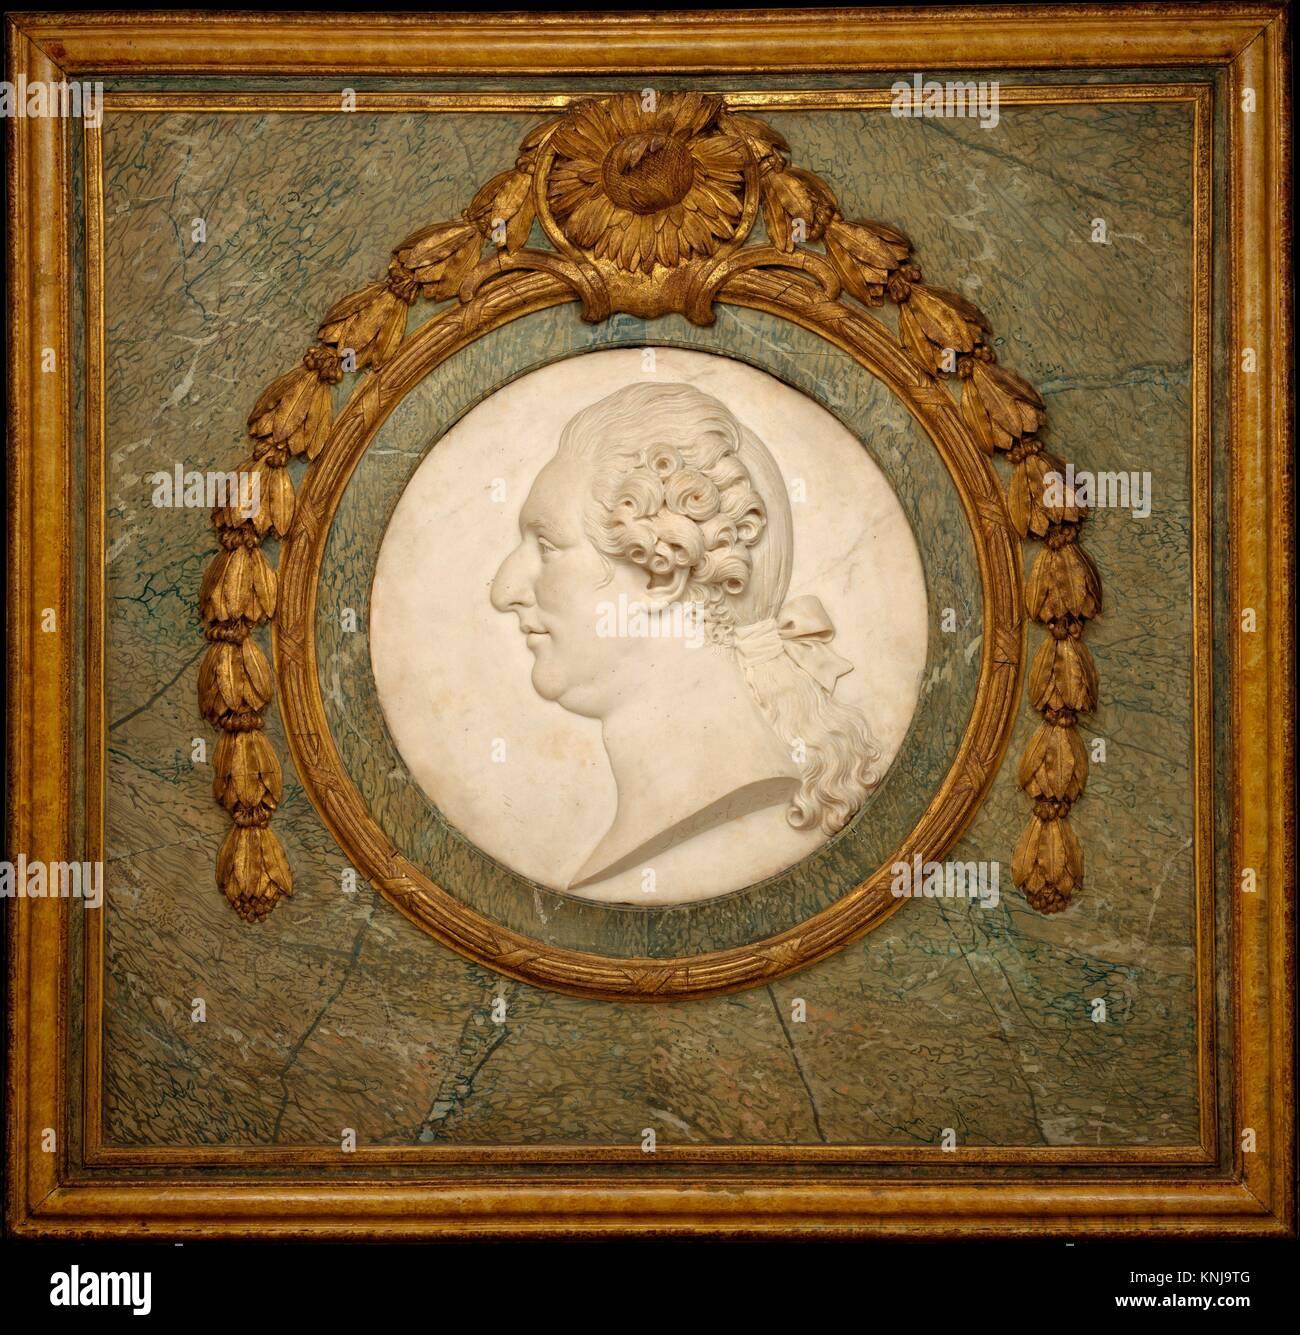 Louis XVI. Artist: Philippe Laurent Roland (French, Pont-à-Marc 1746-1816 Paris); Date: 1787; Culture: French, - Stock Image